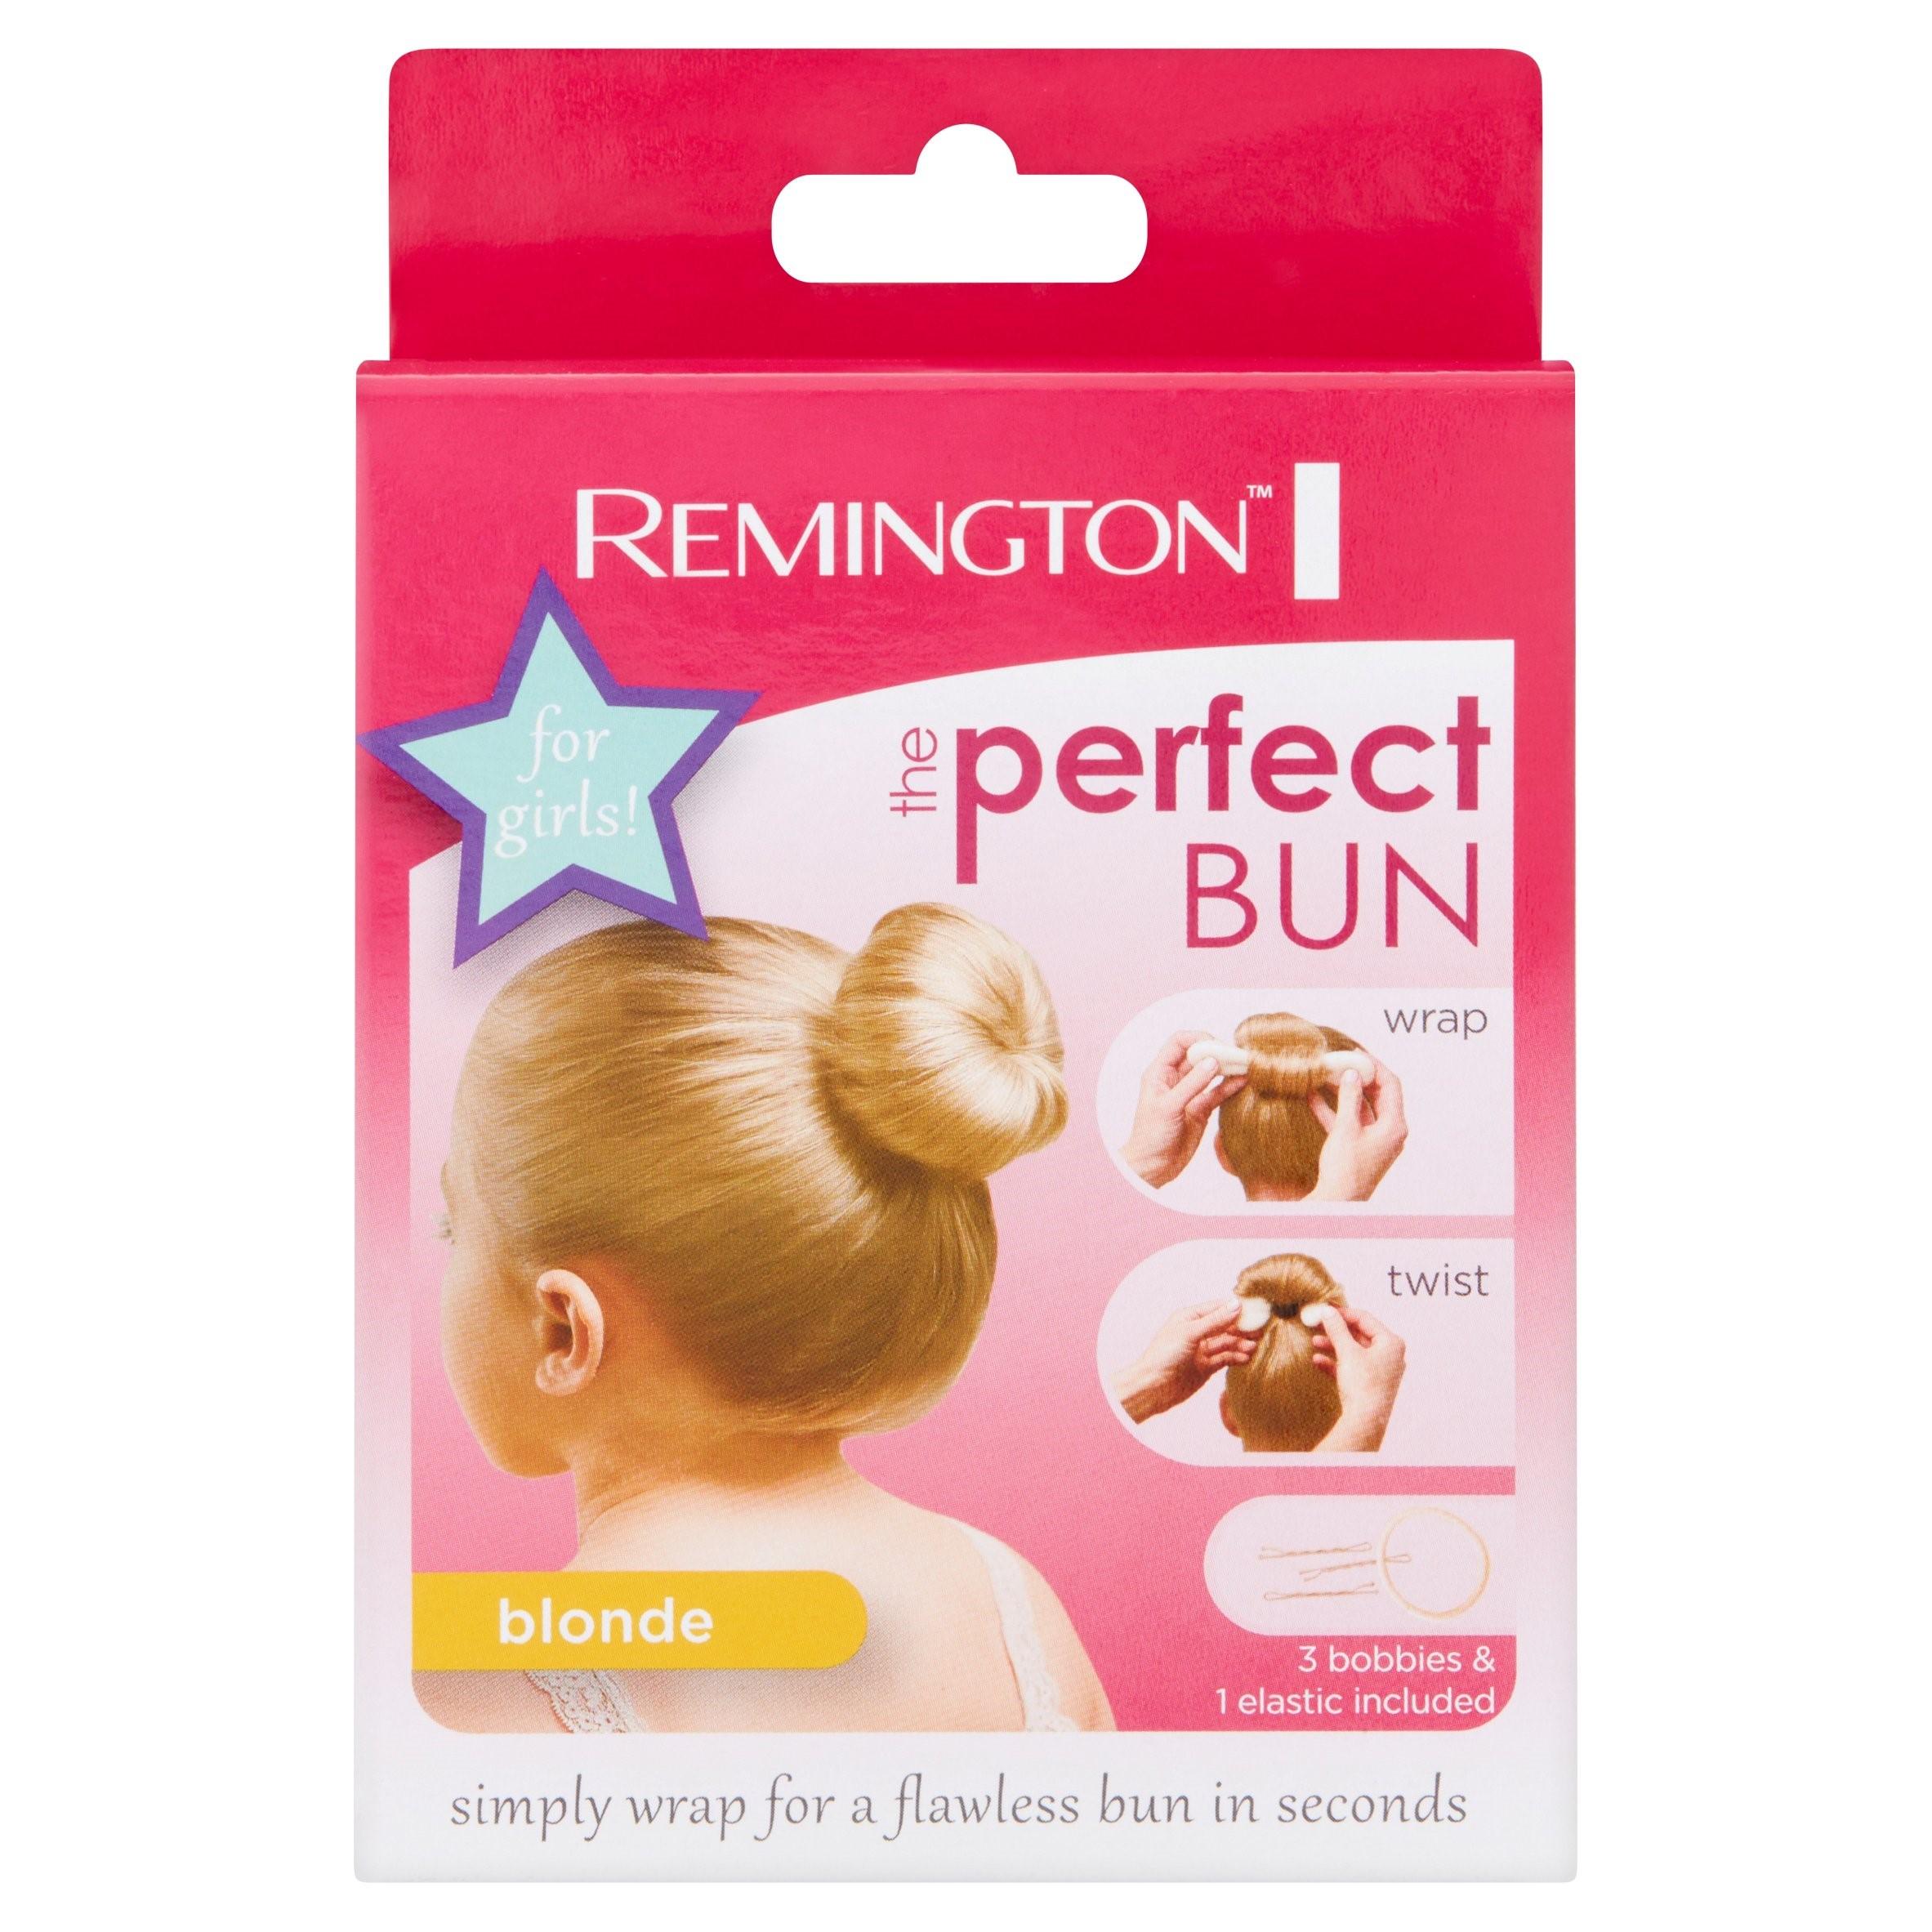 Remington the Perfect Bun for Girls Blonde Bun Tool